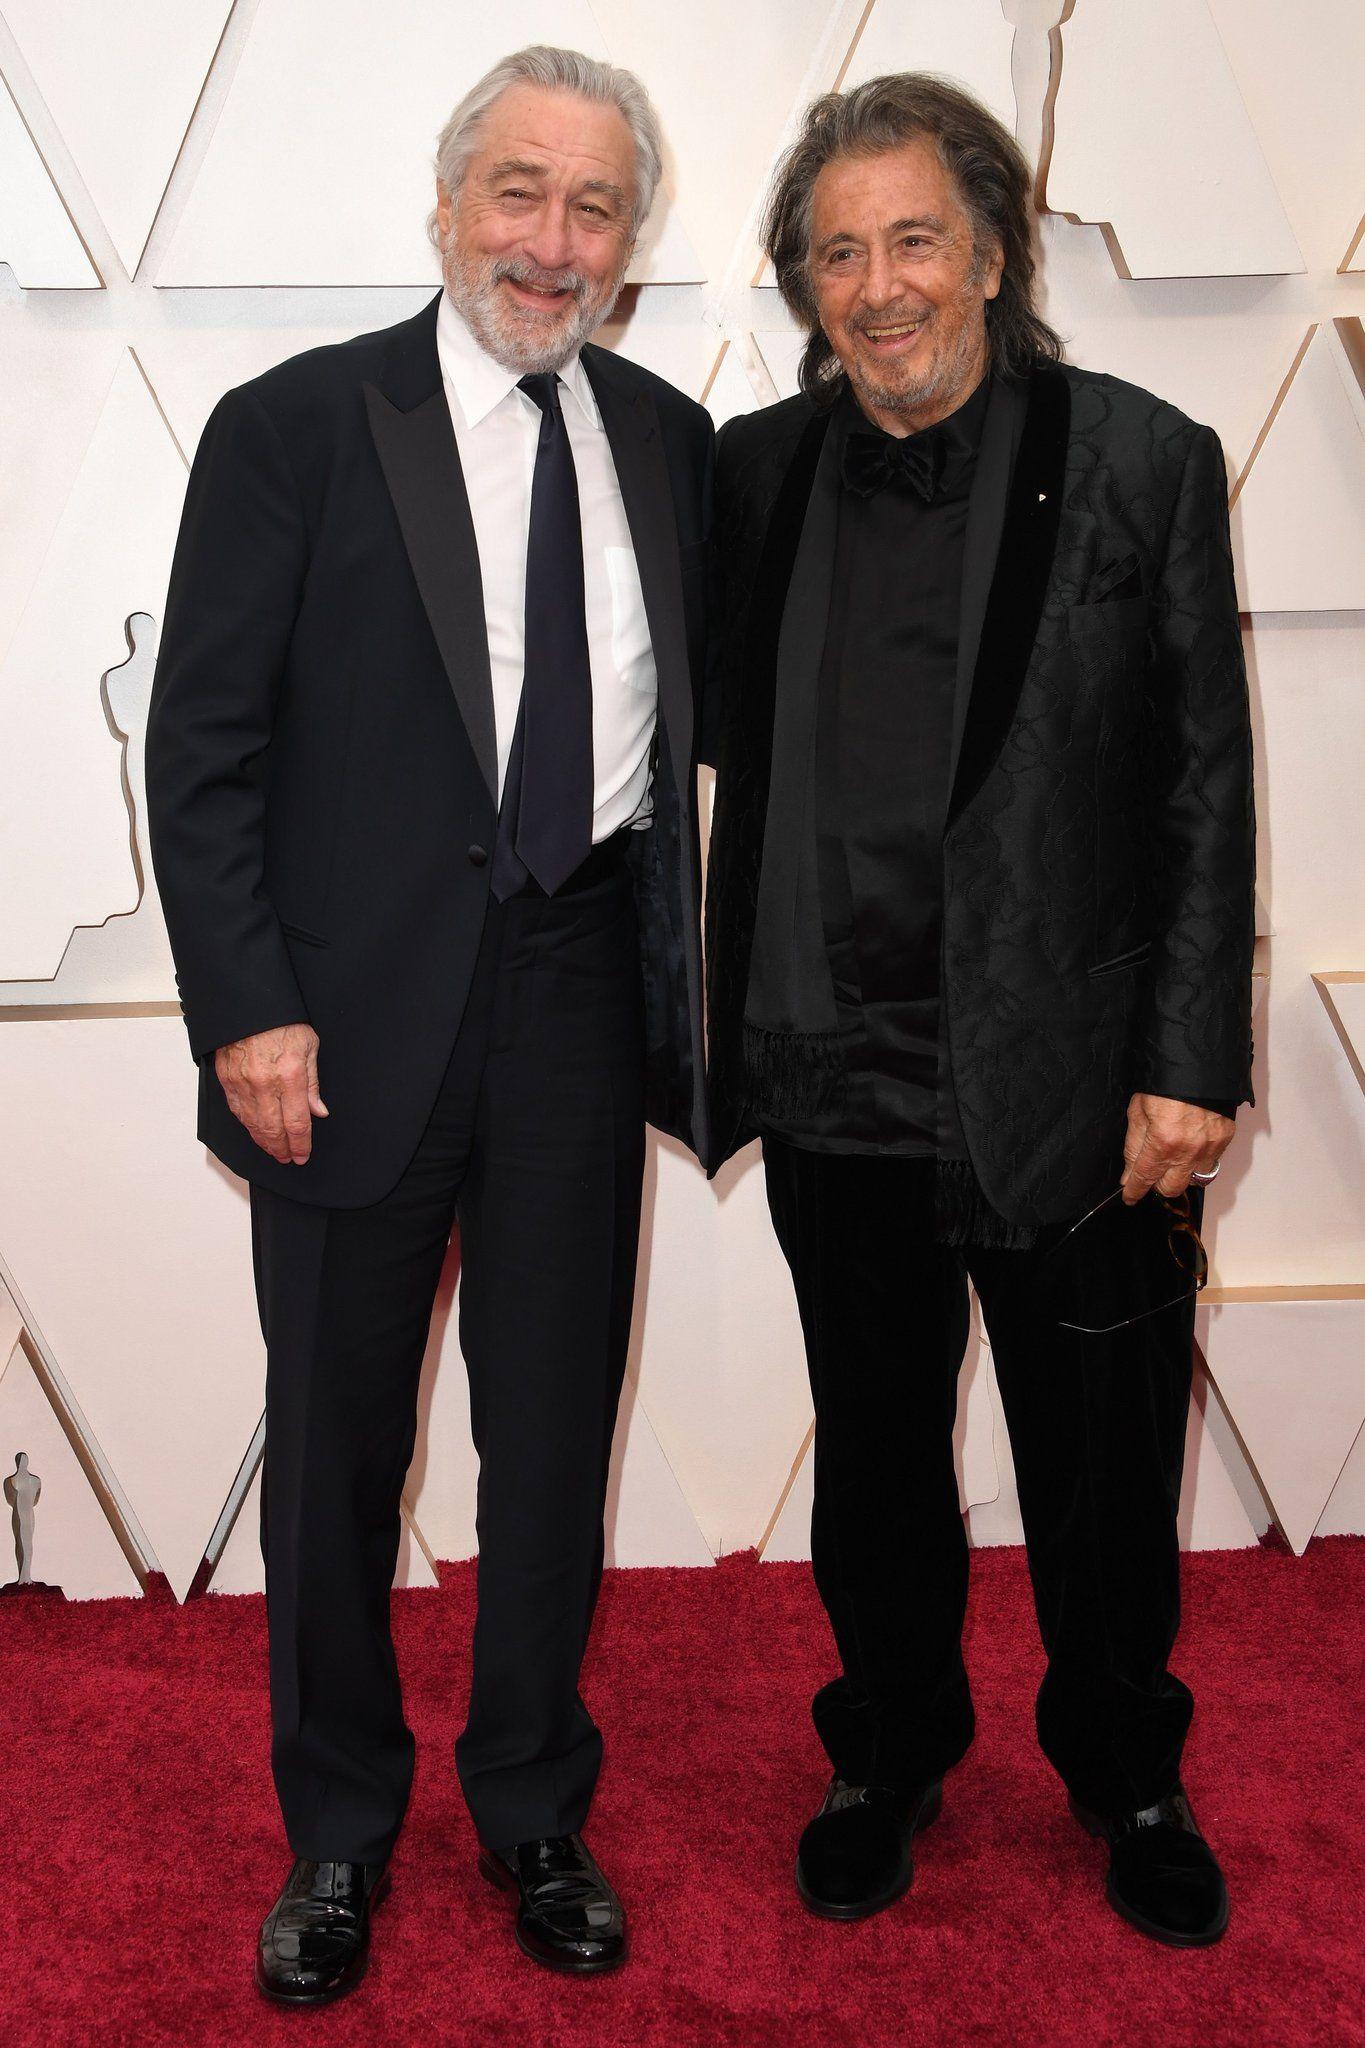 Robert De Niro e Al Pacino agli Oscar 2020